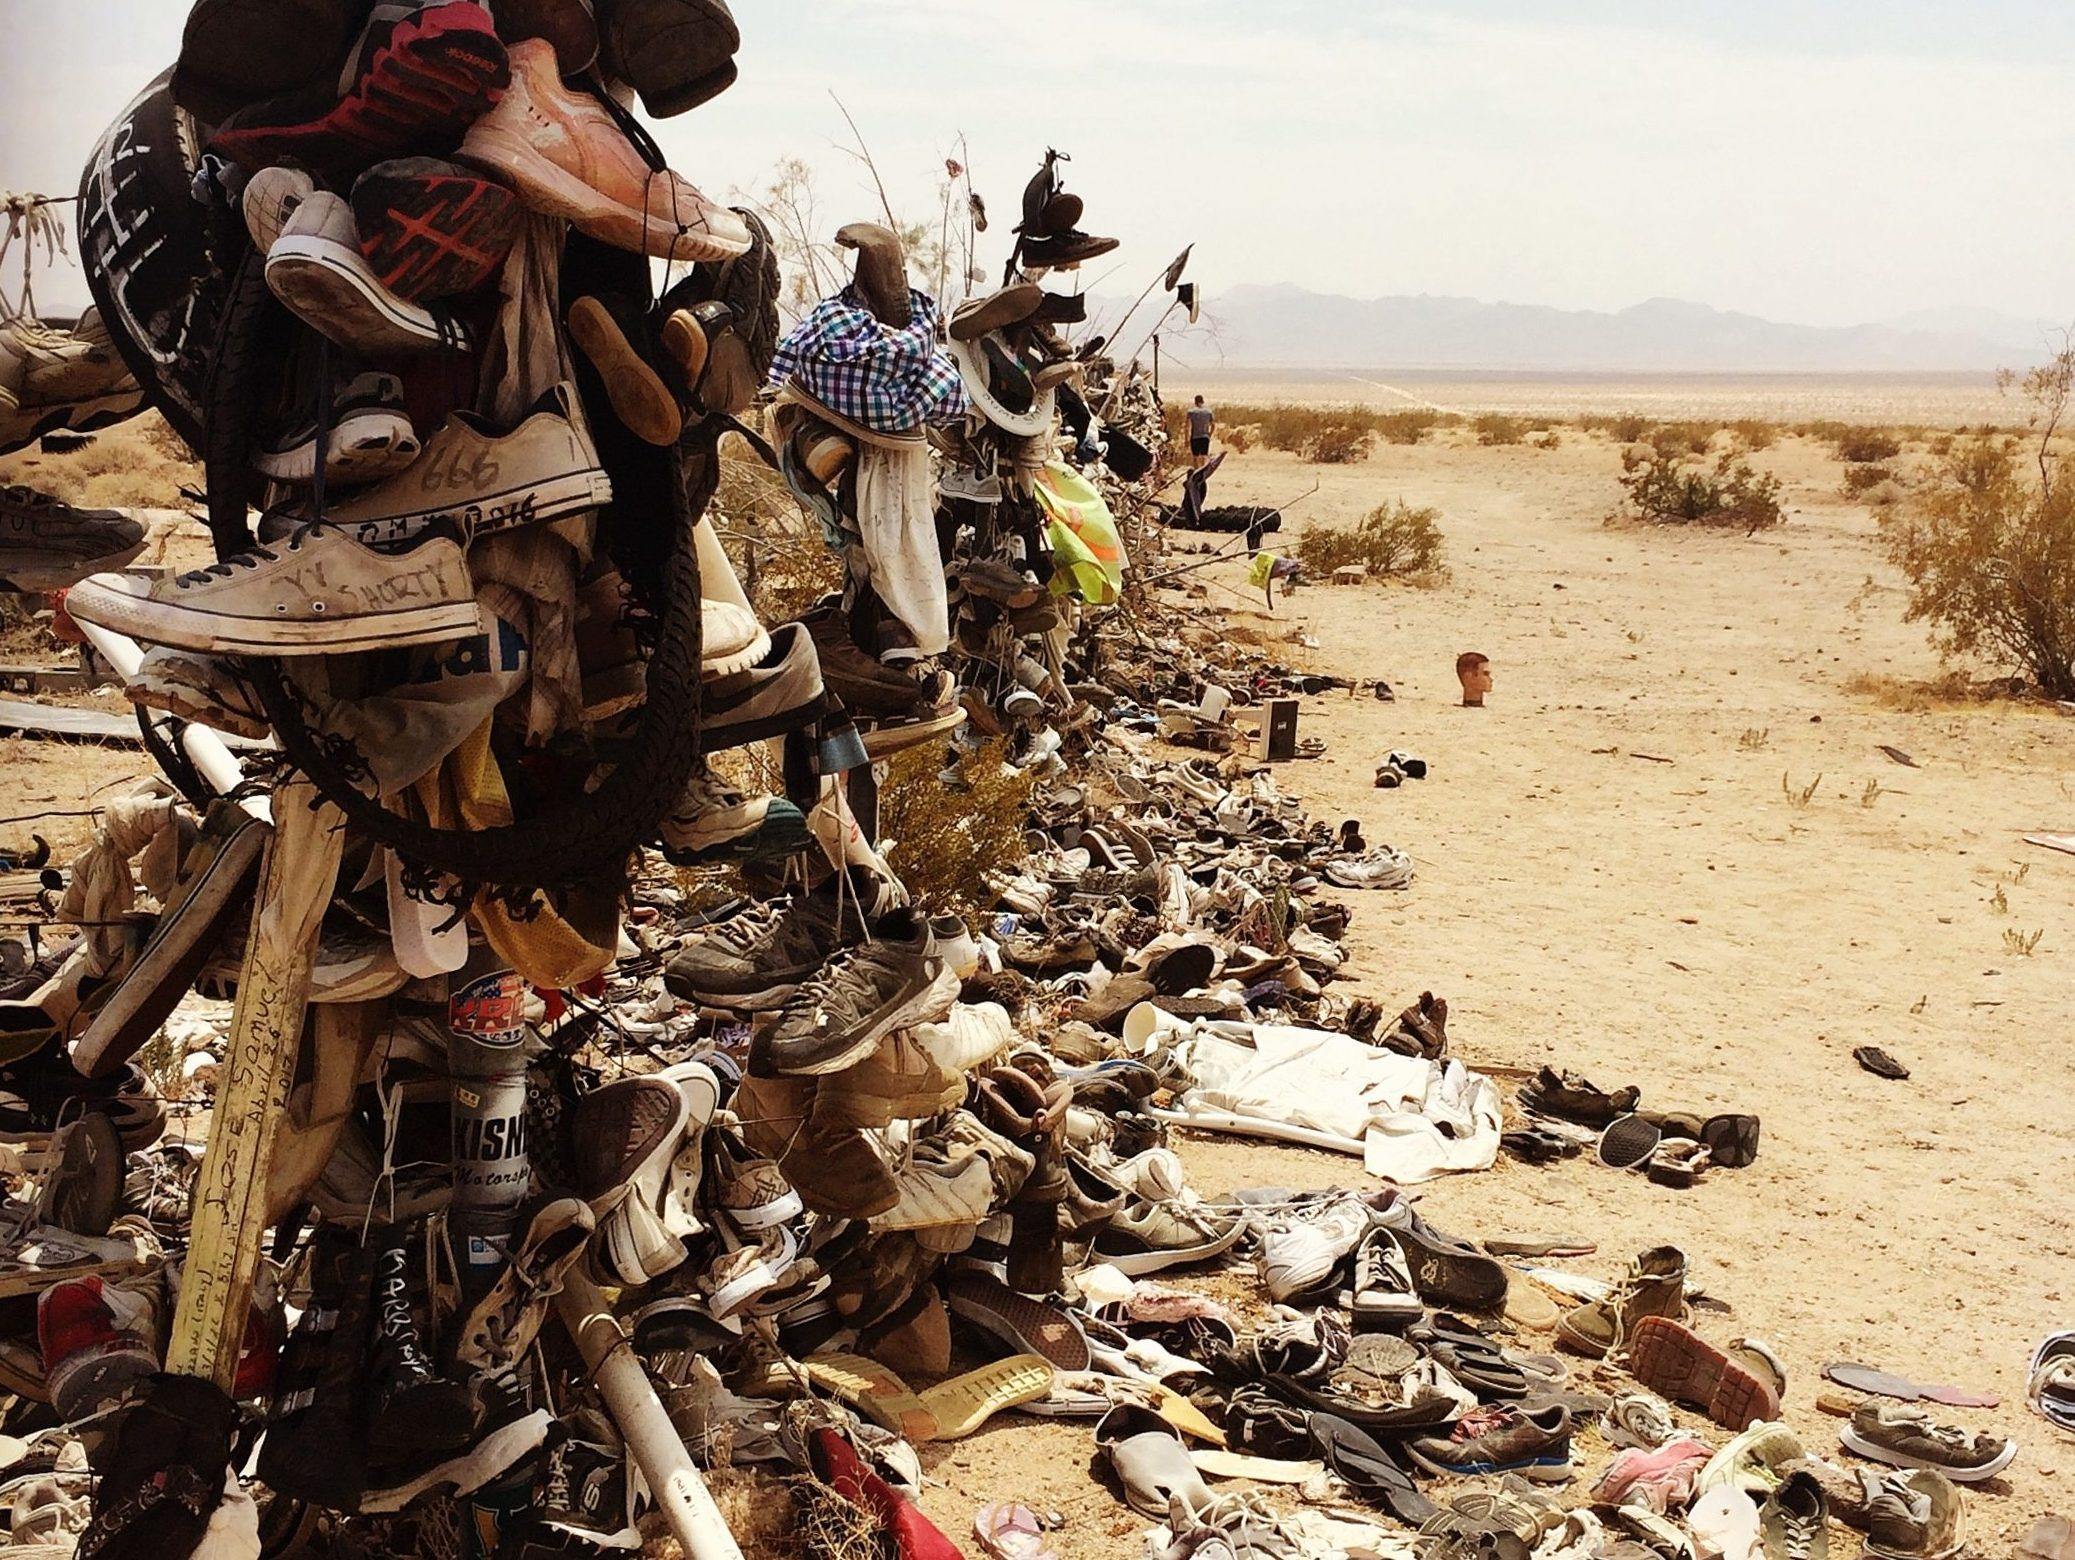 california-rice-shoe-fence-albero-delle-scarpe-big